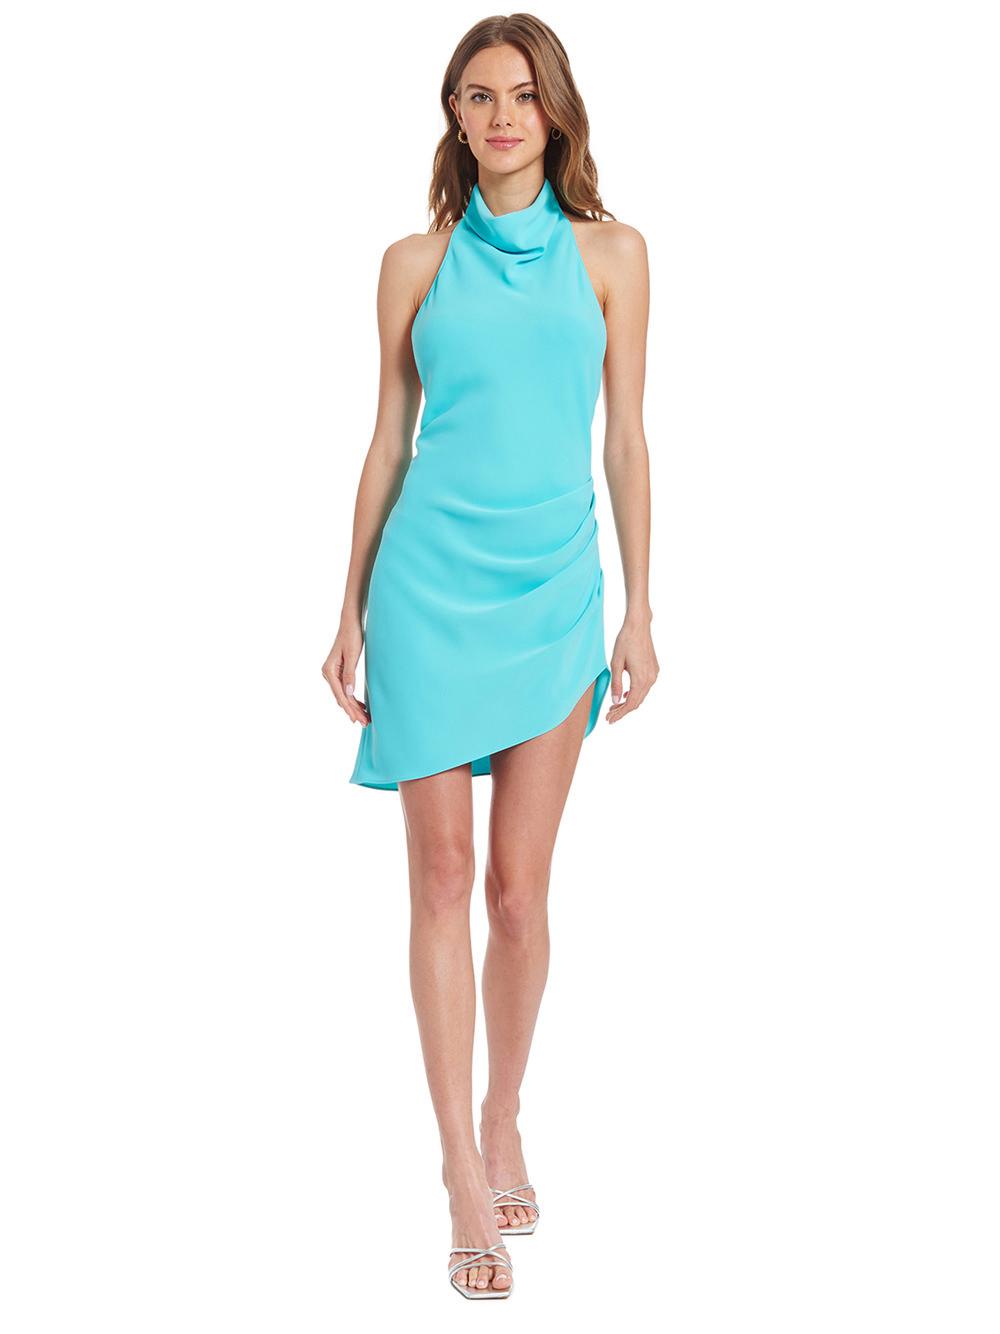 Aqua blue halter neck mini dress for summer.